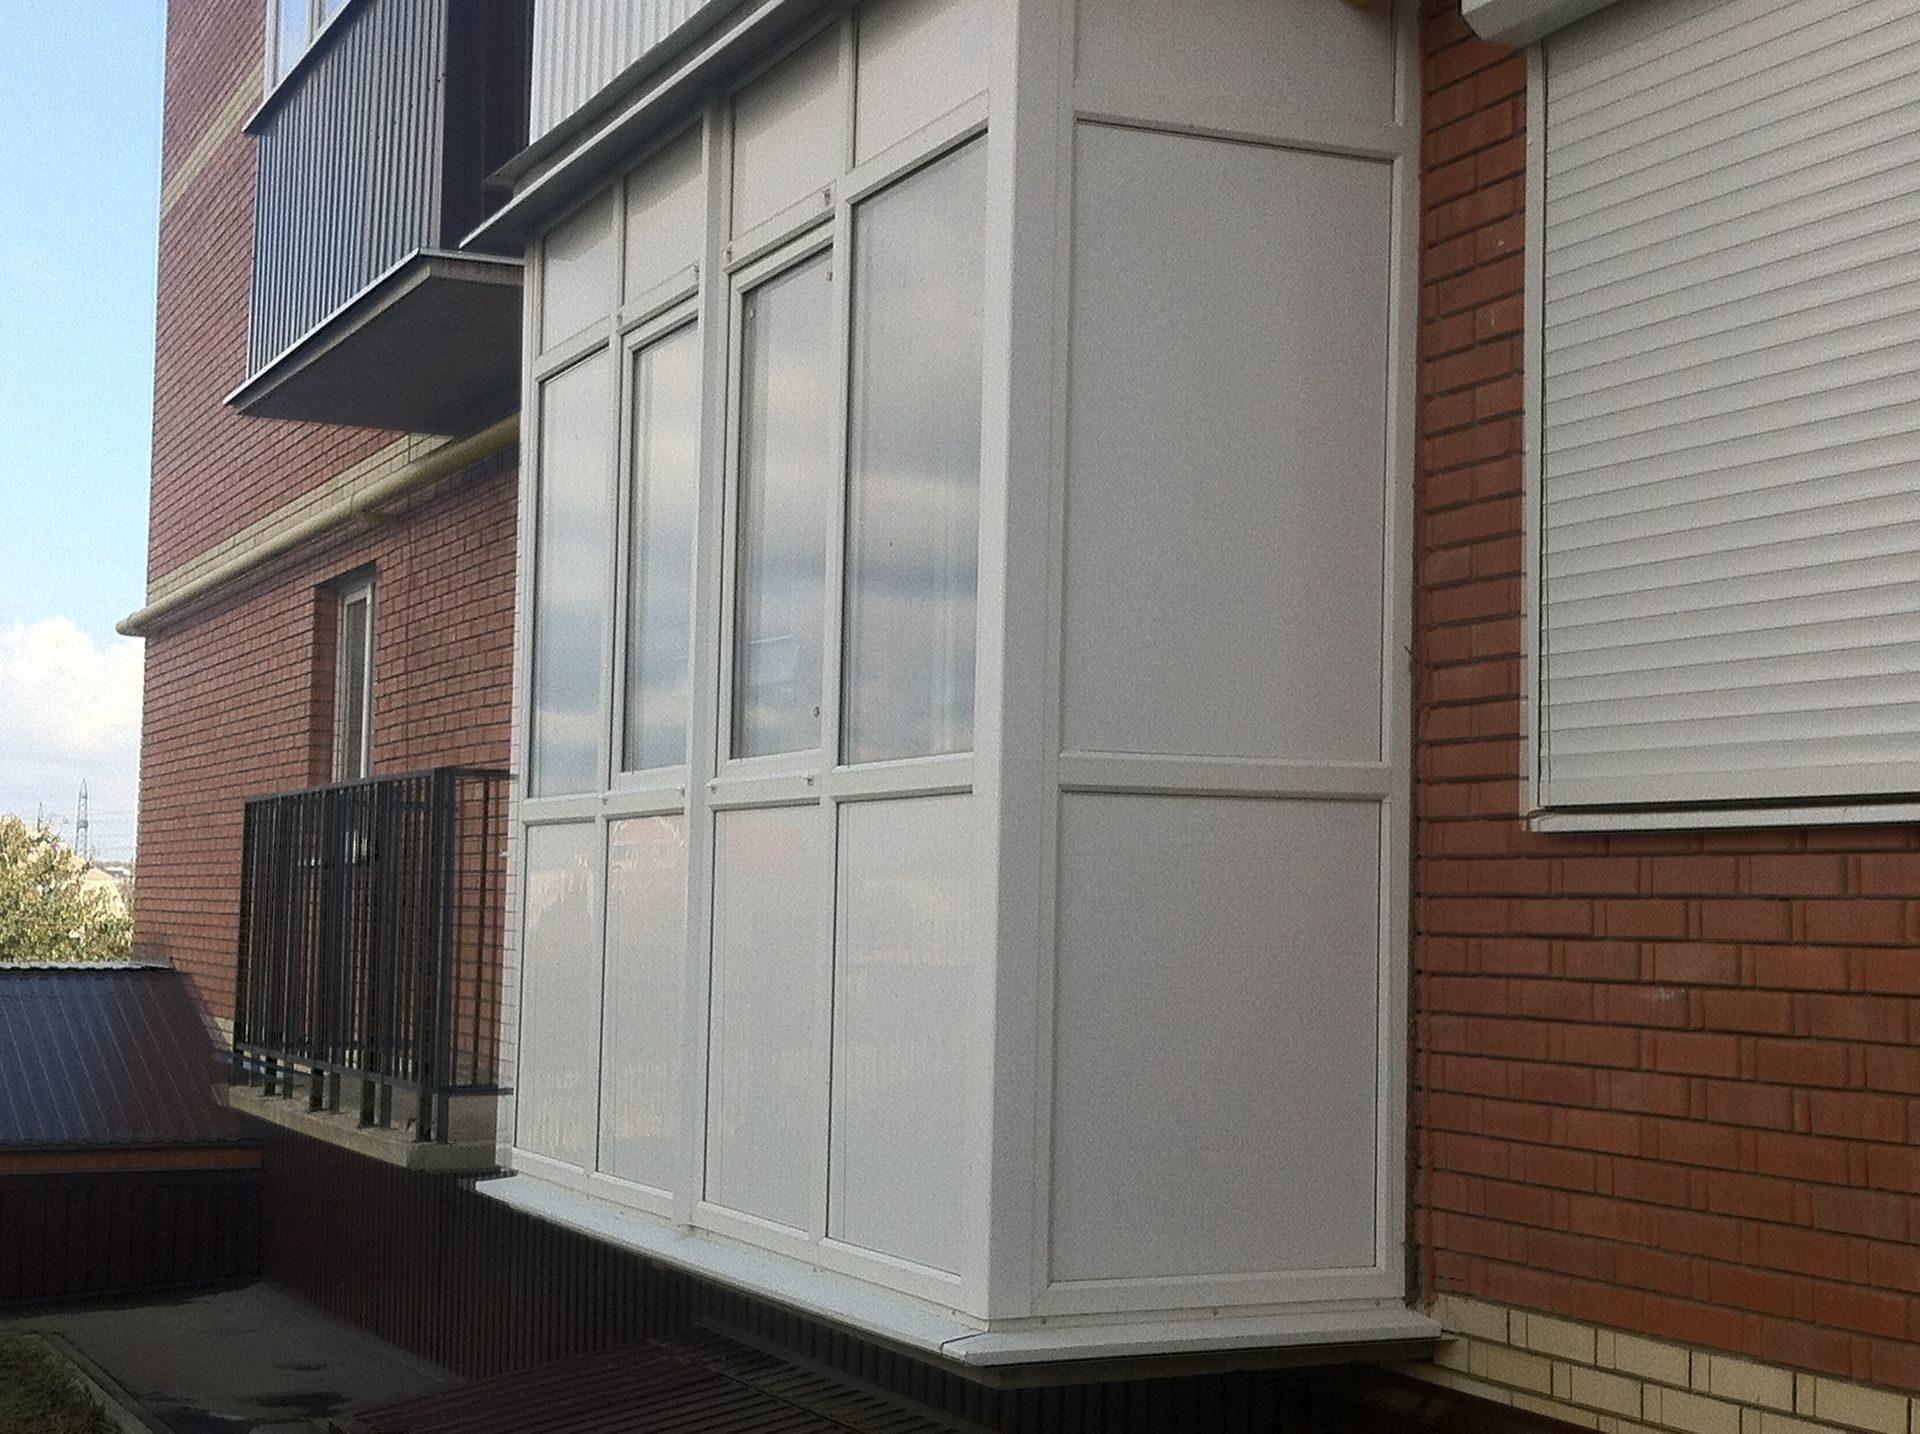 Из чего лучше откосы: гипсокартон или сэндвич-панель? - ирбис - пластиковые окна и двери - установка - ремонт тюмень